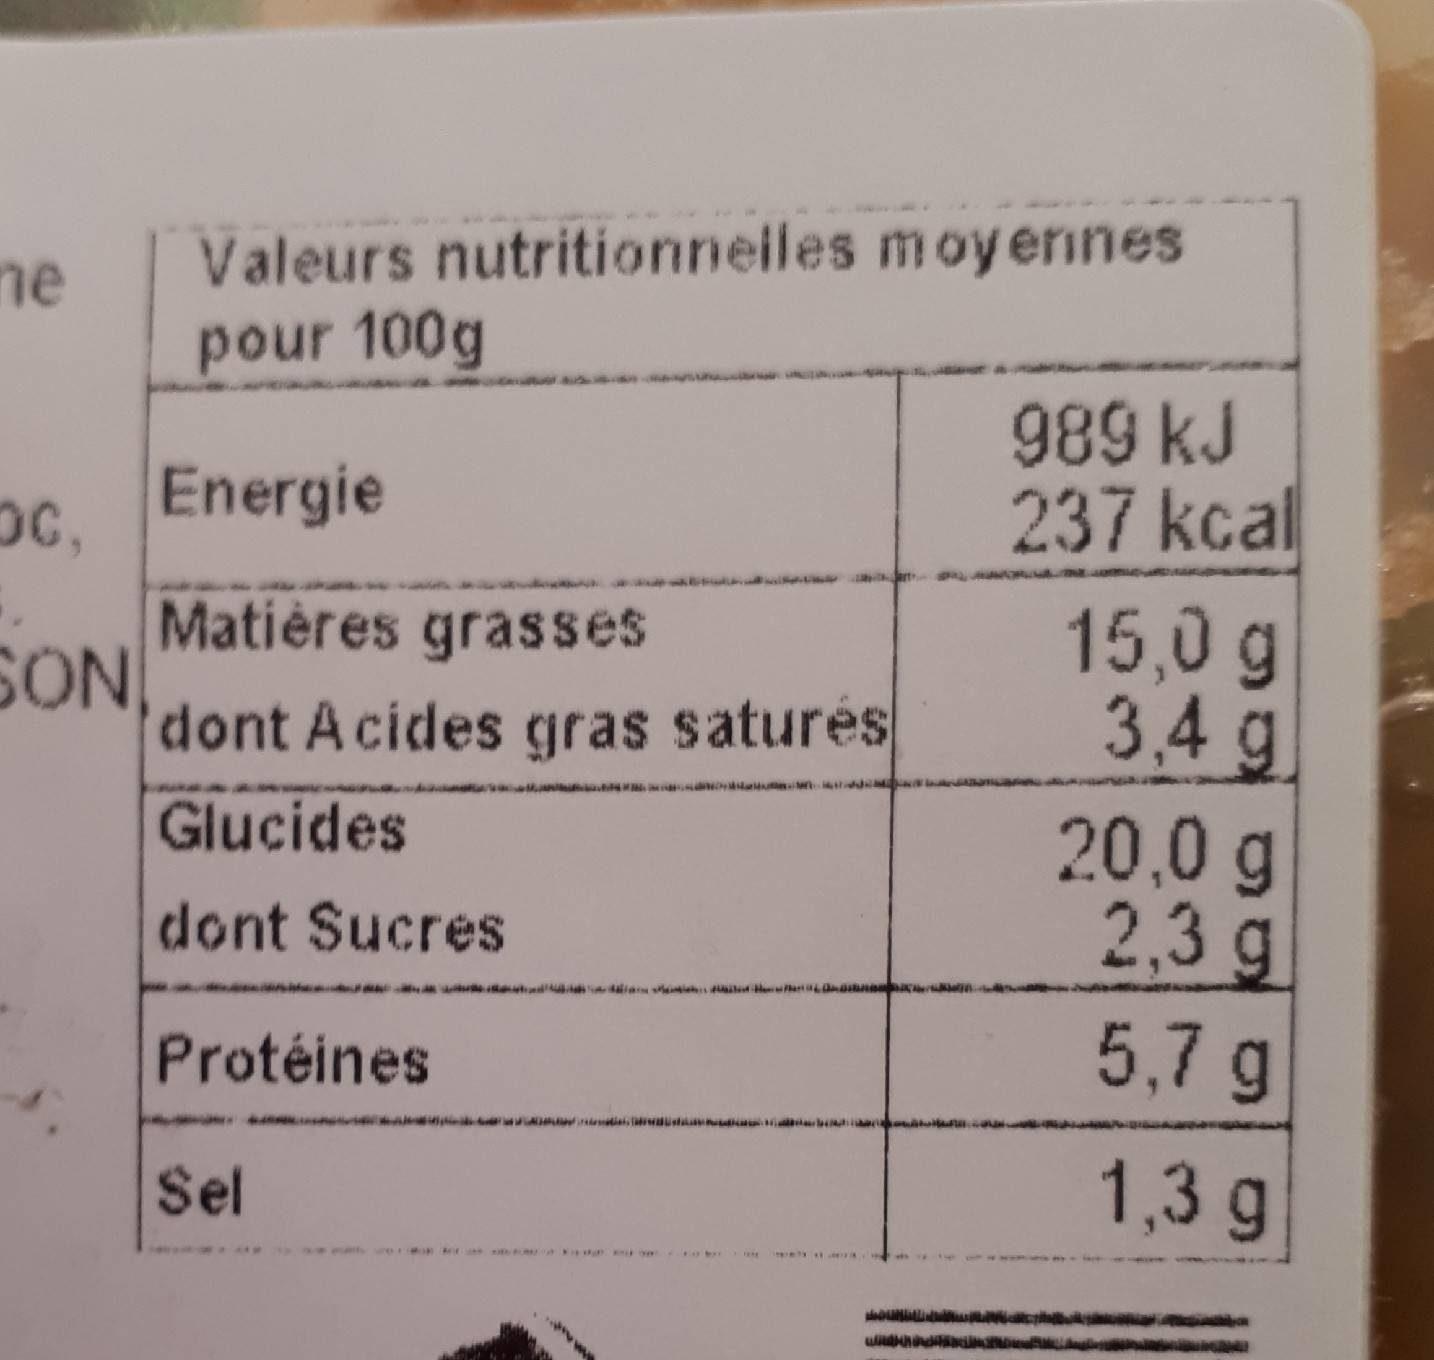 Nos Recettes Traiteur Nems porc + sauce Nuoc Mam les 4 nems de 65 g - Nutrition facts - fr